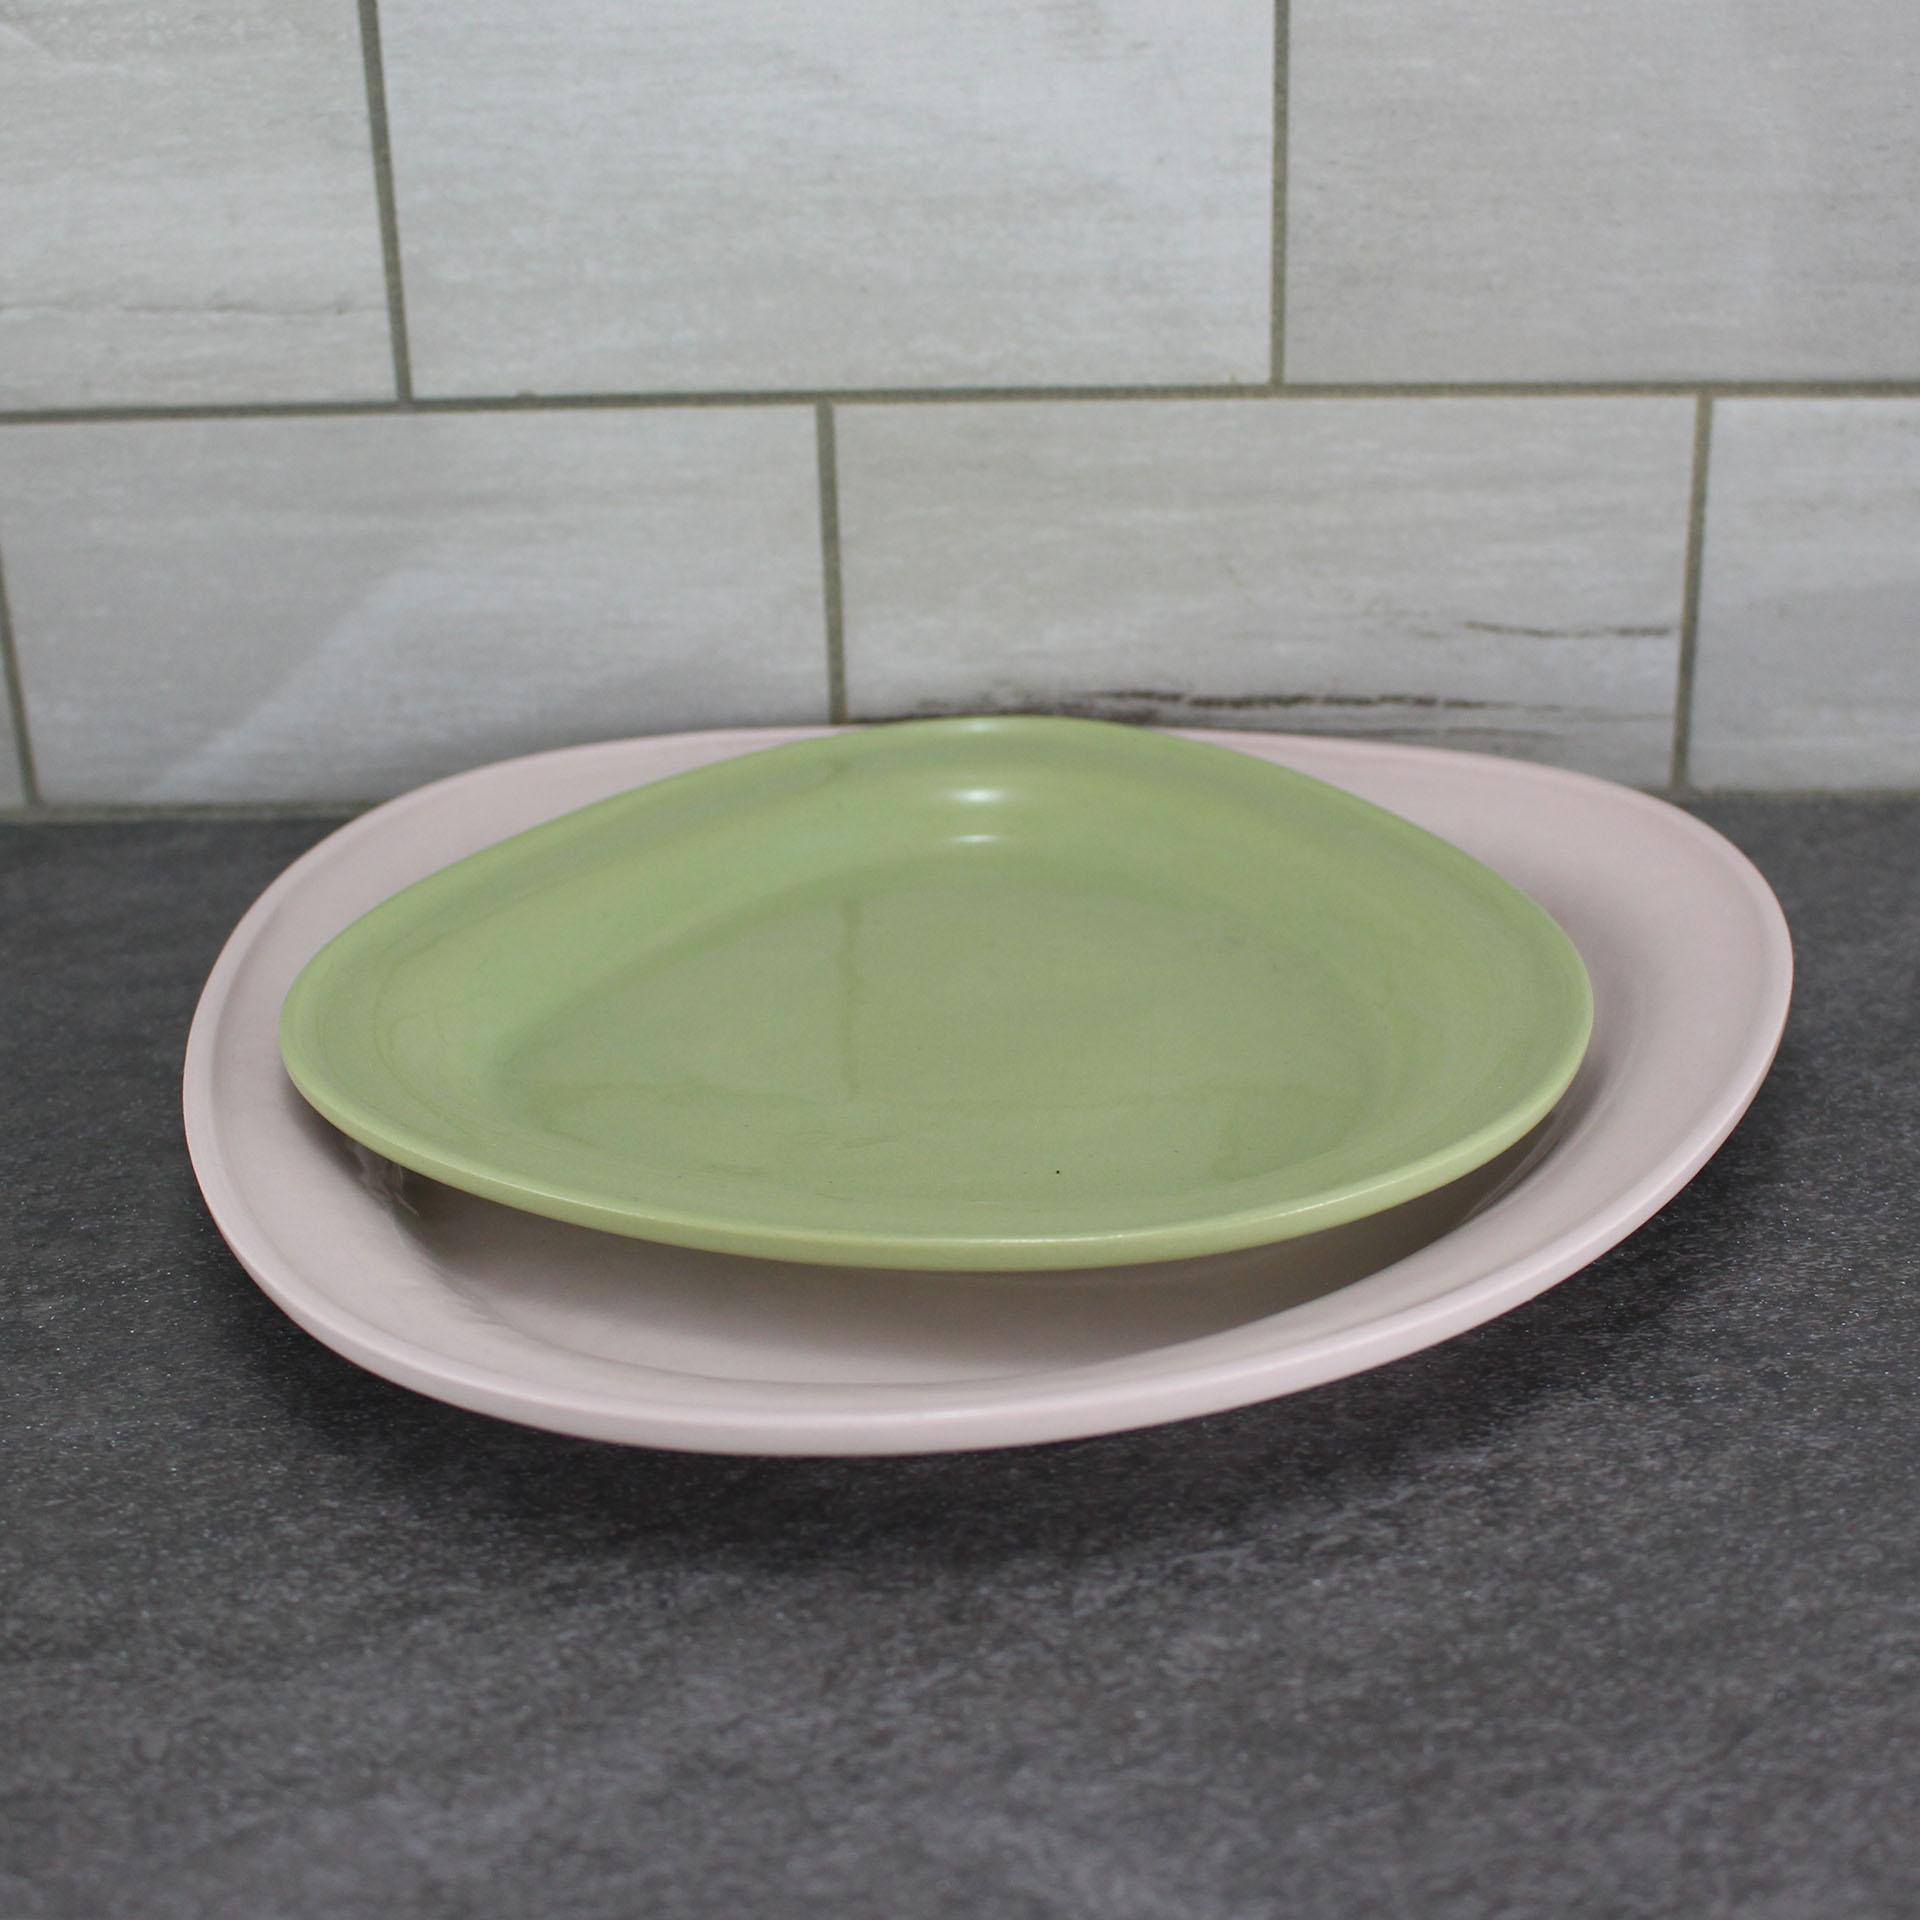 OC_plates.jpg